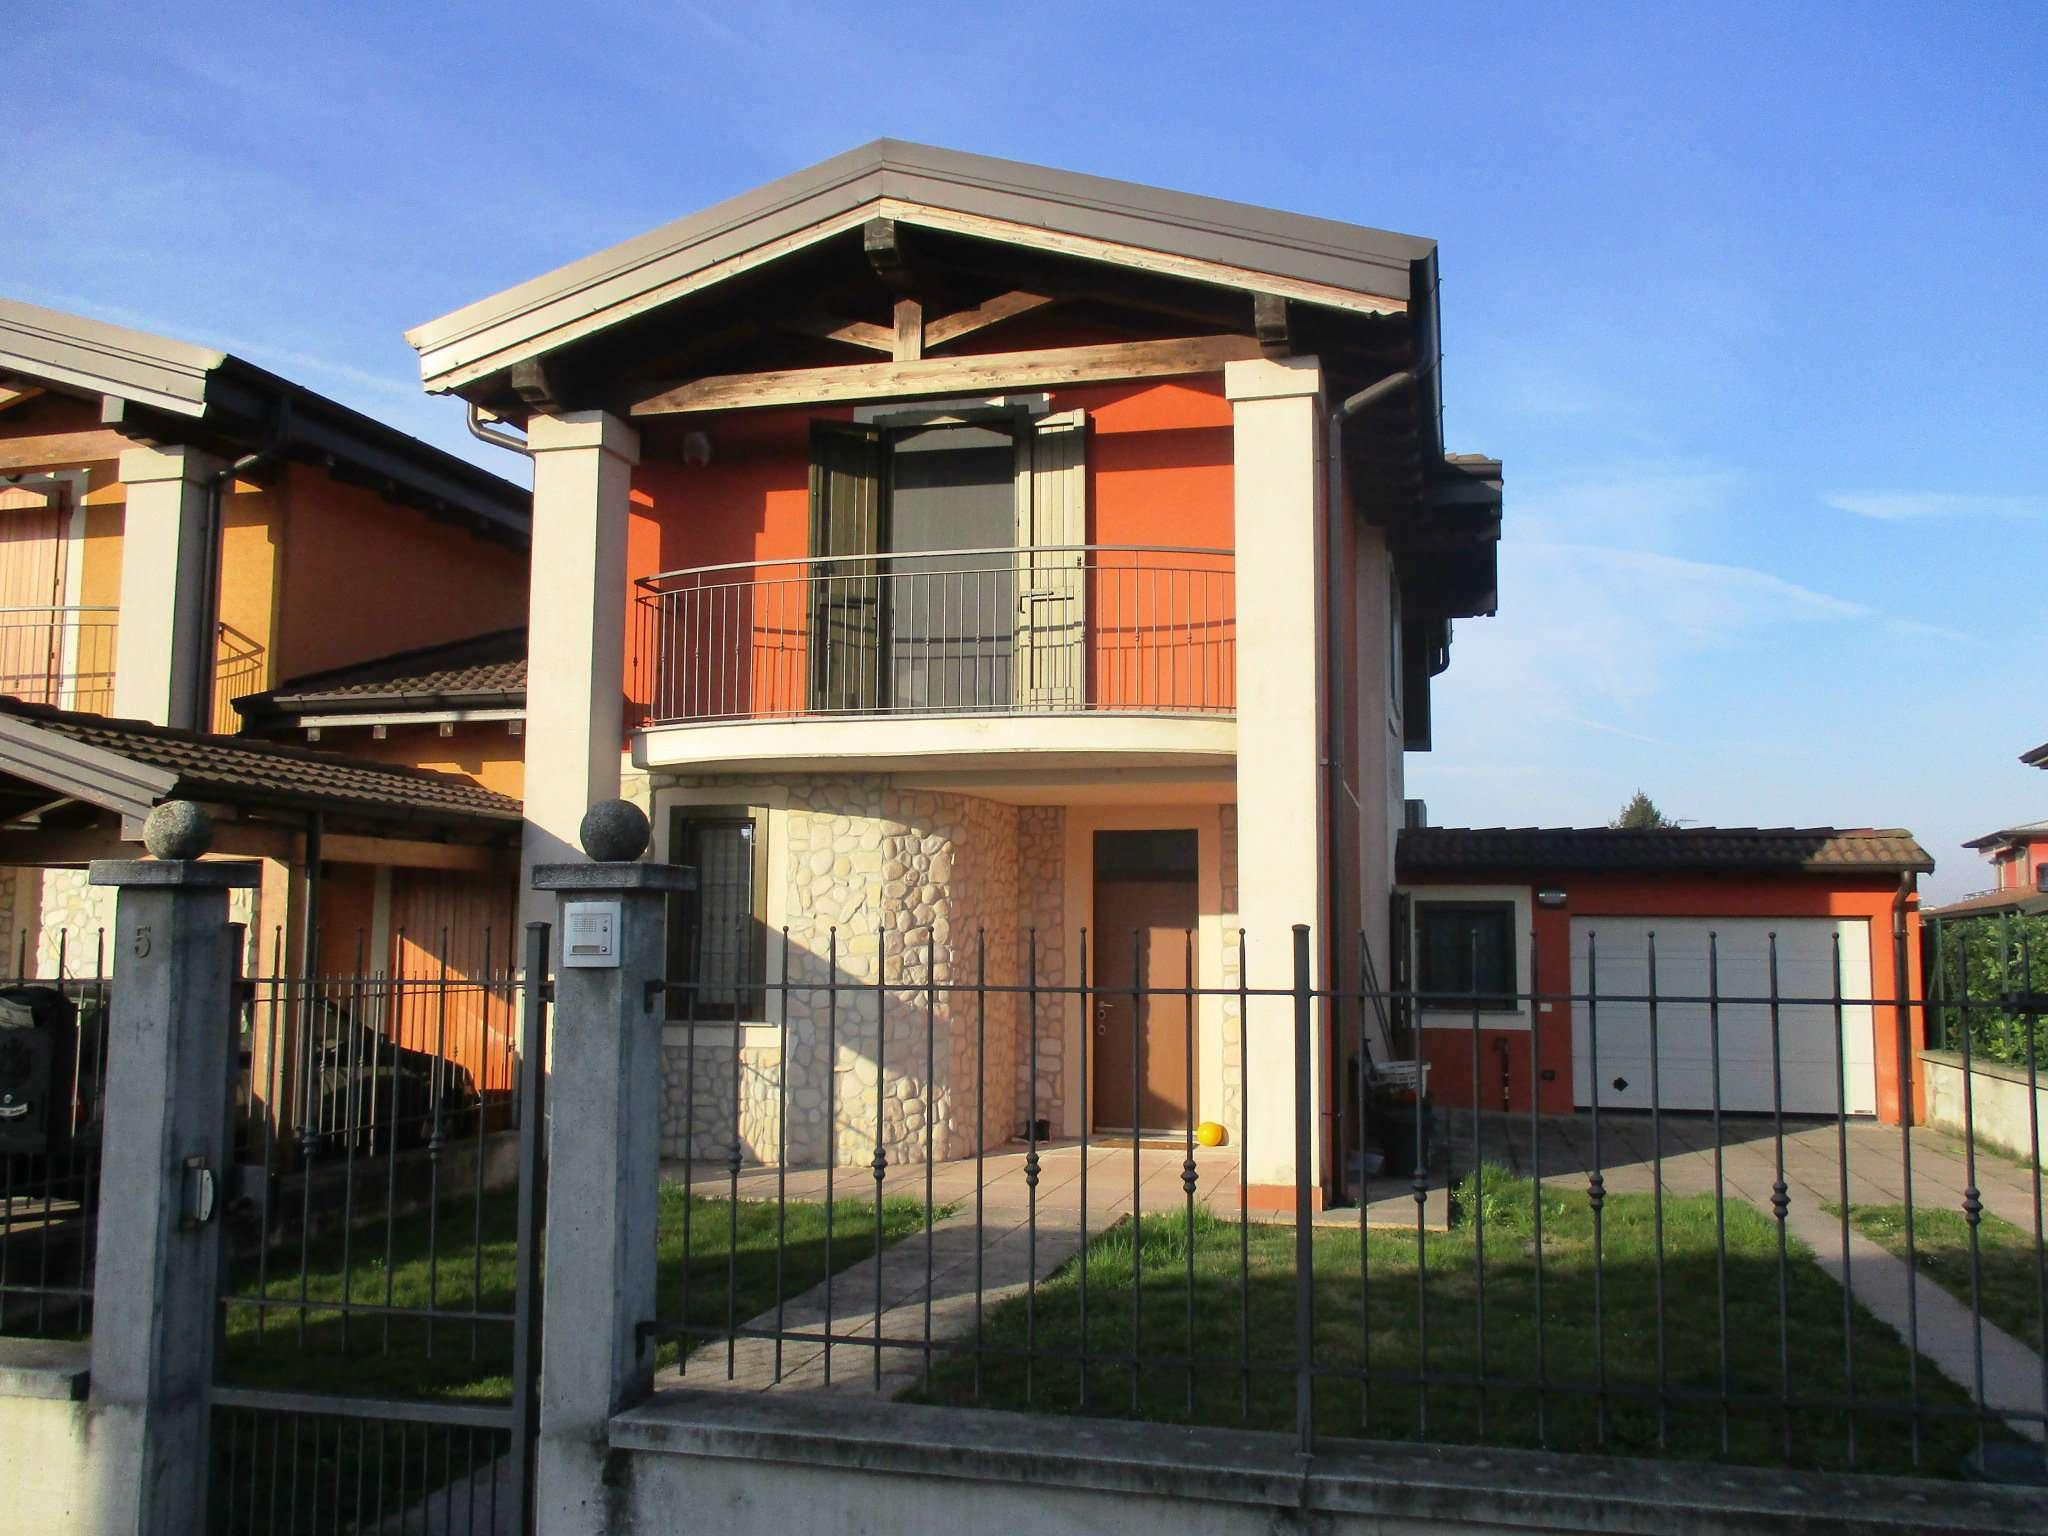 Villa Bifamiliare in vendita a Casale Cremasco-Vidolasco, 4 locali, prezzo € 185.000 | CambioCasa.it